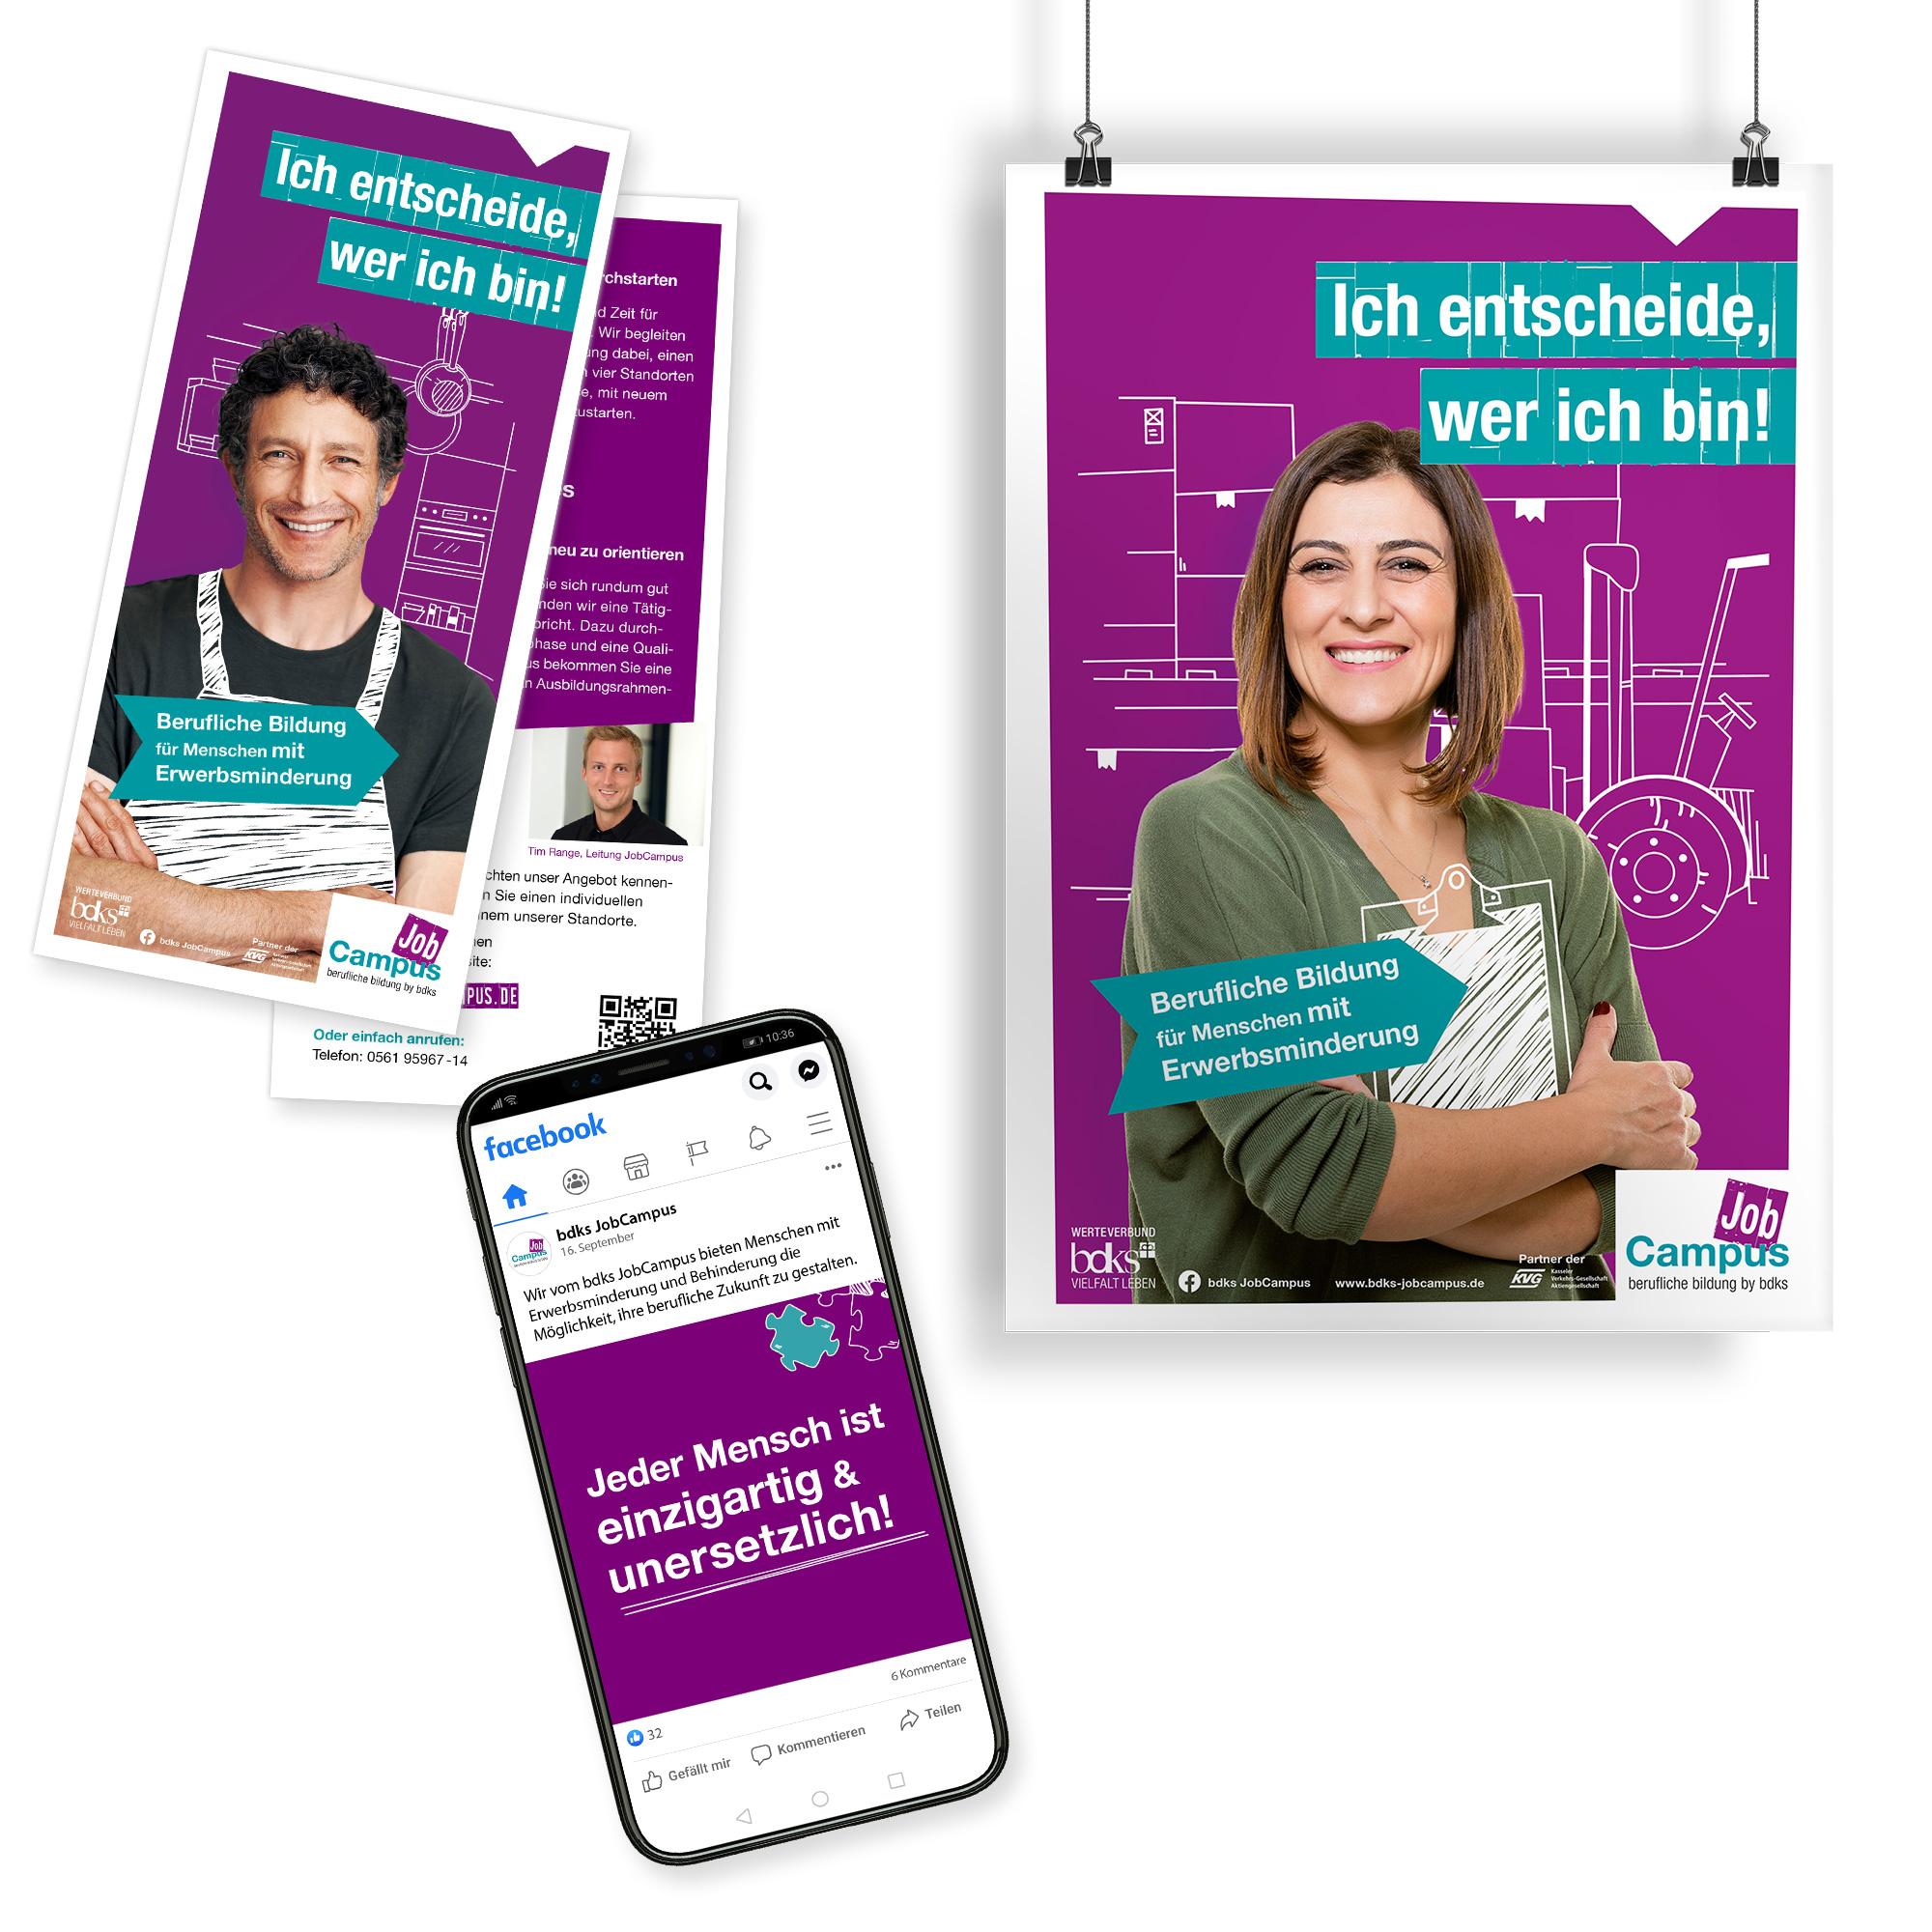 Facebook Auftritt bdks JobCampus Vermarktungskampagne